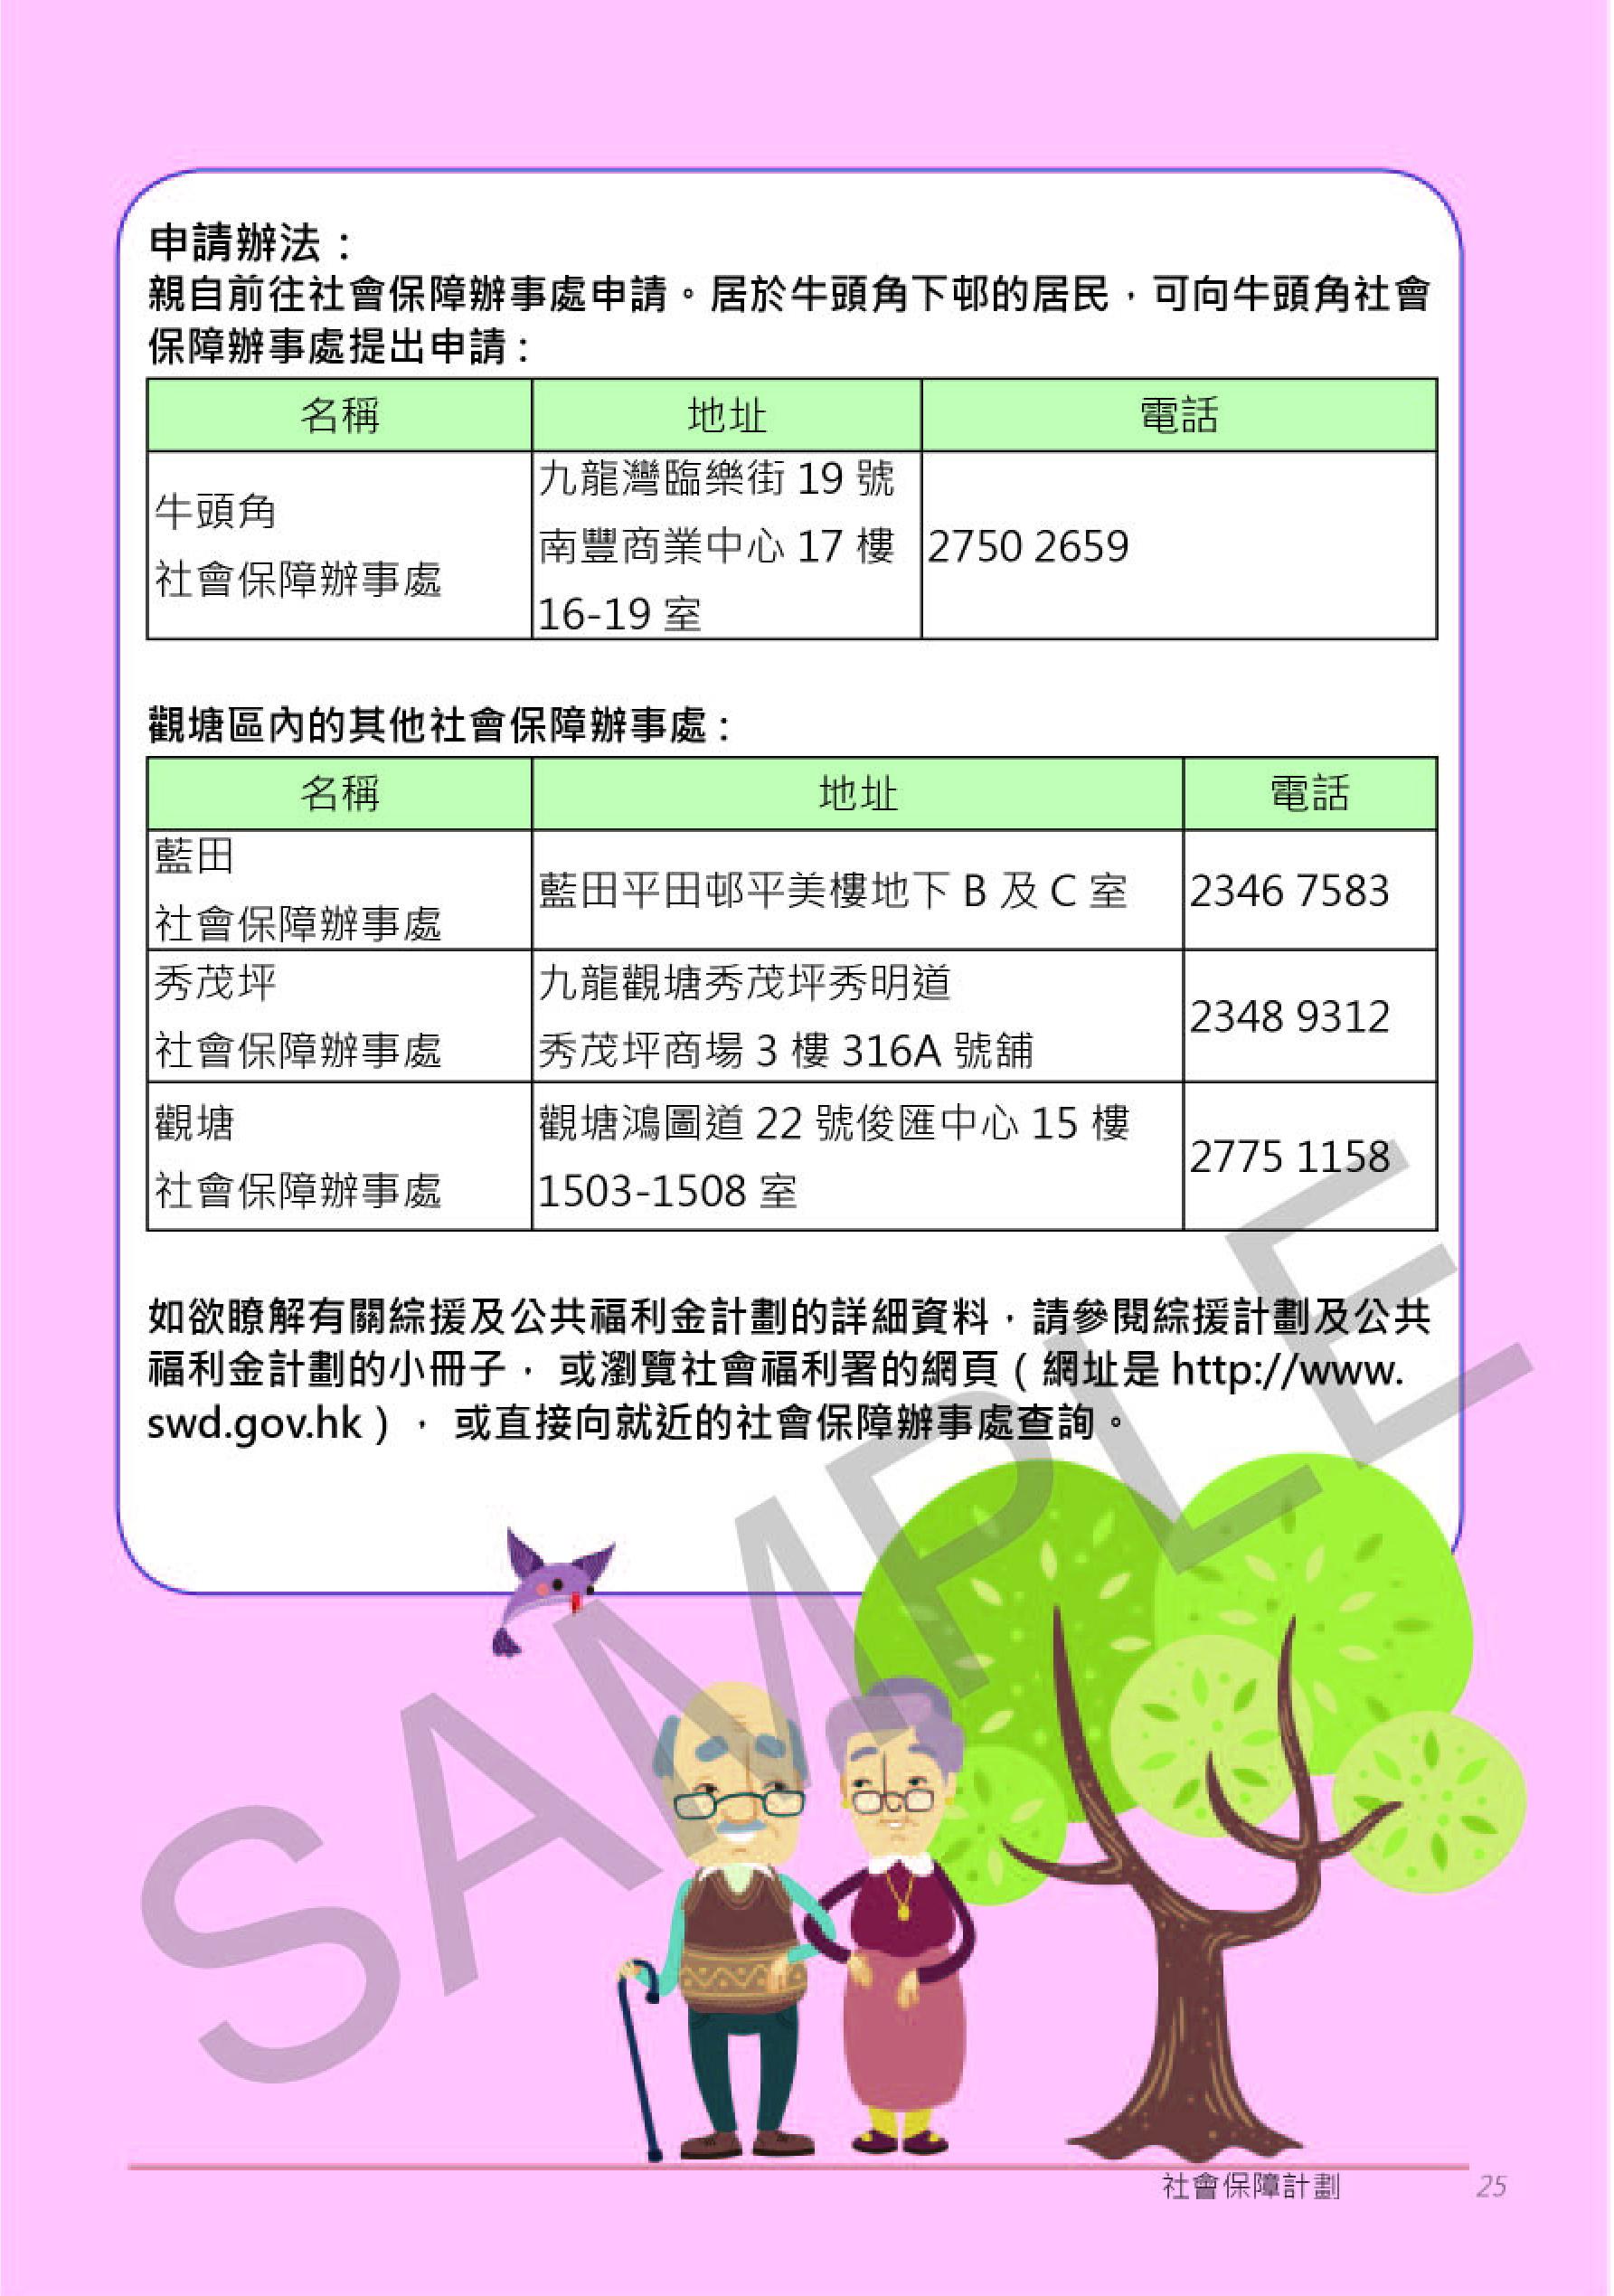 黃頁sample5